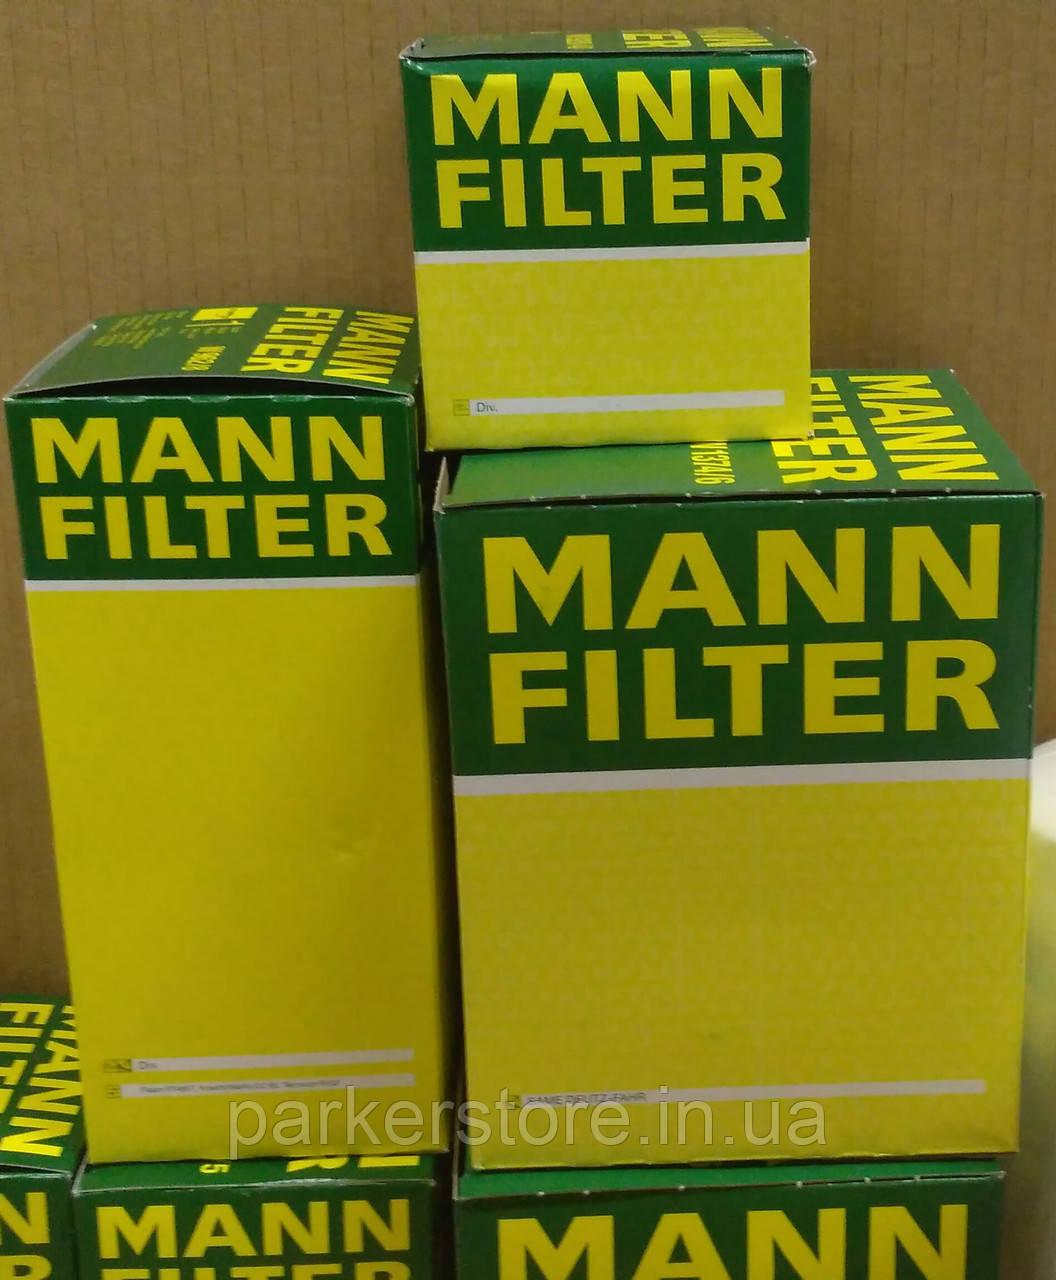 MANN FILTER / Повітряний фільтр / C 2341 / C2341